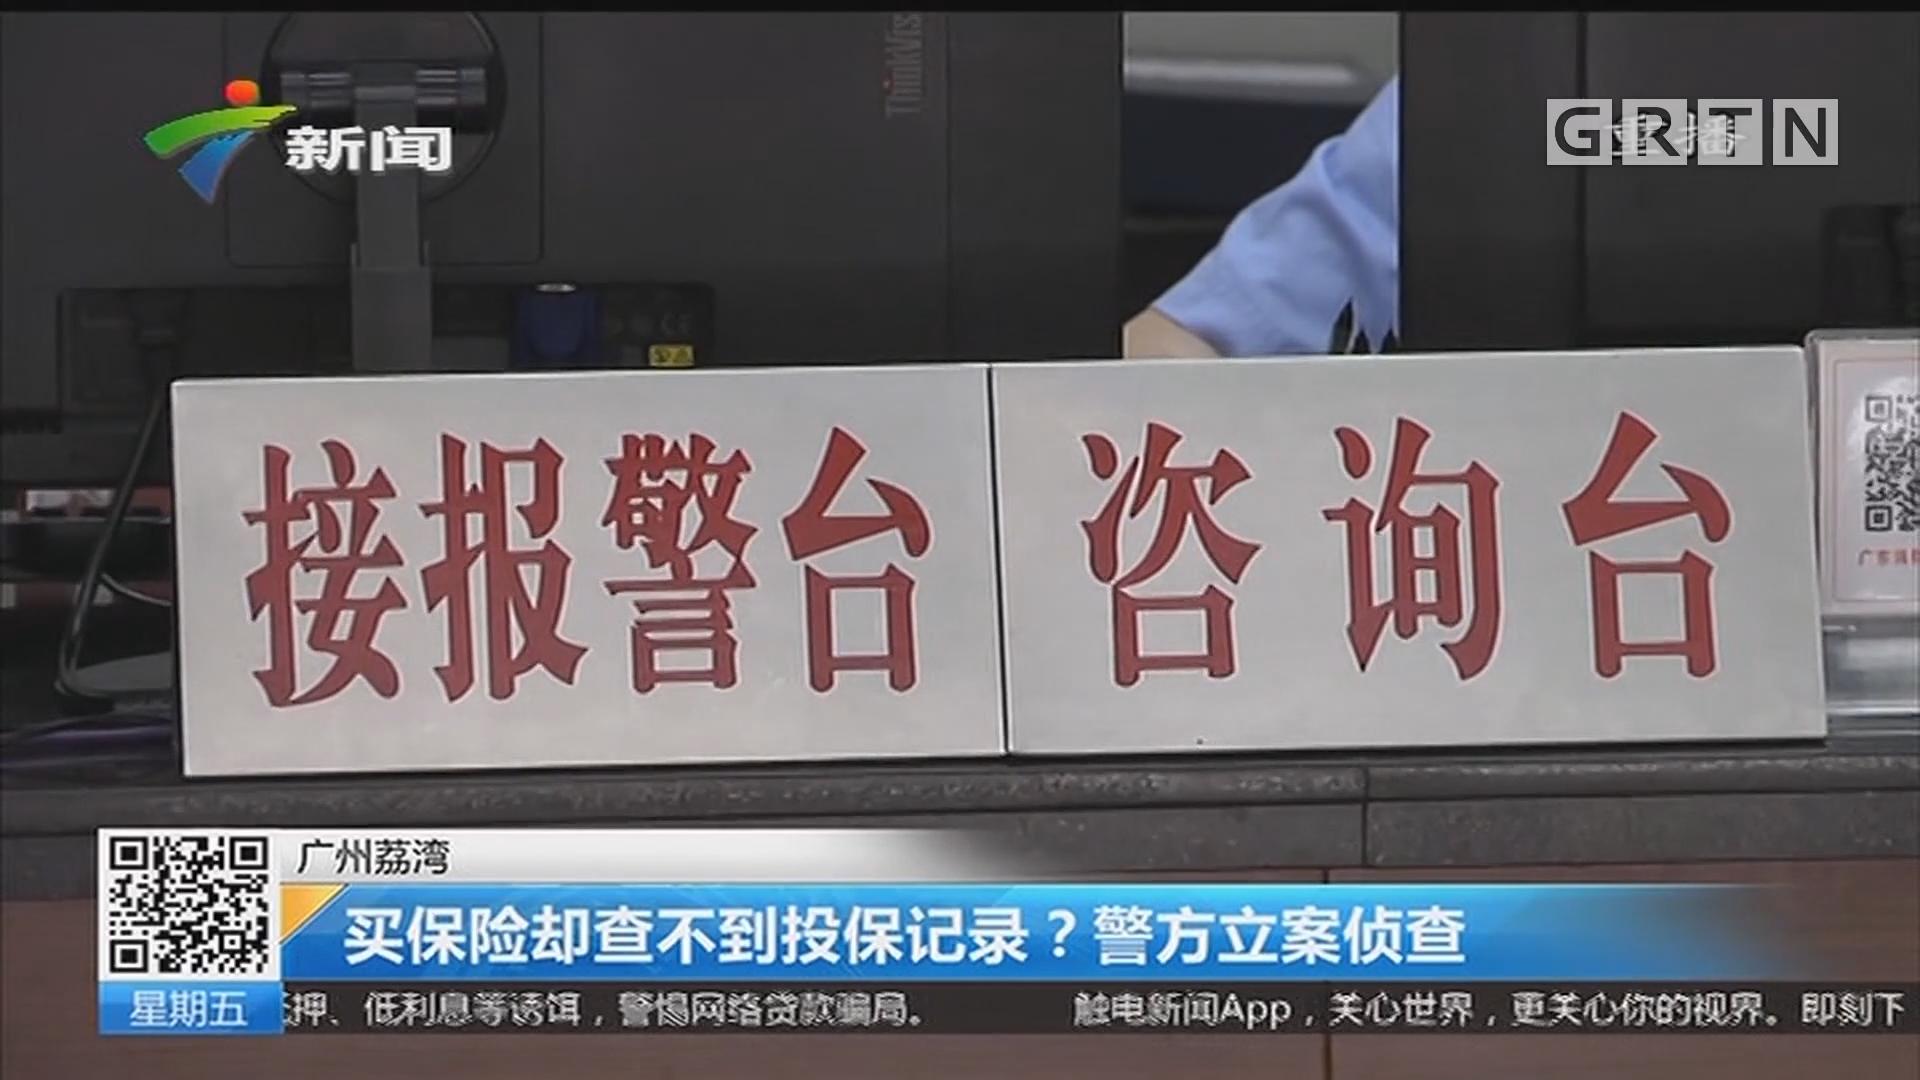 广州荔湾:买保险却查不到投保记录?警方立案侦查